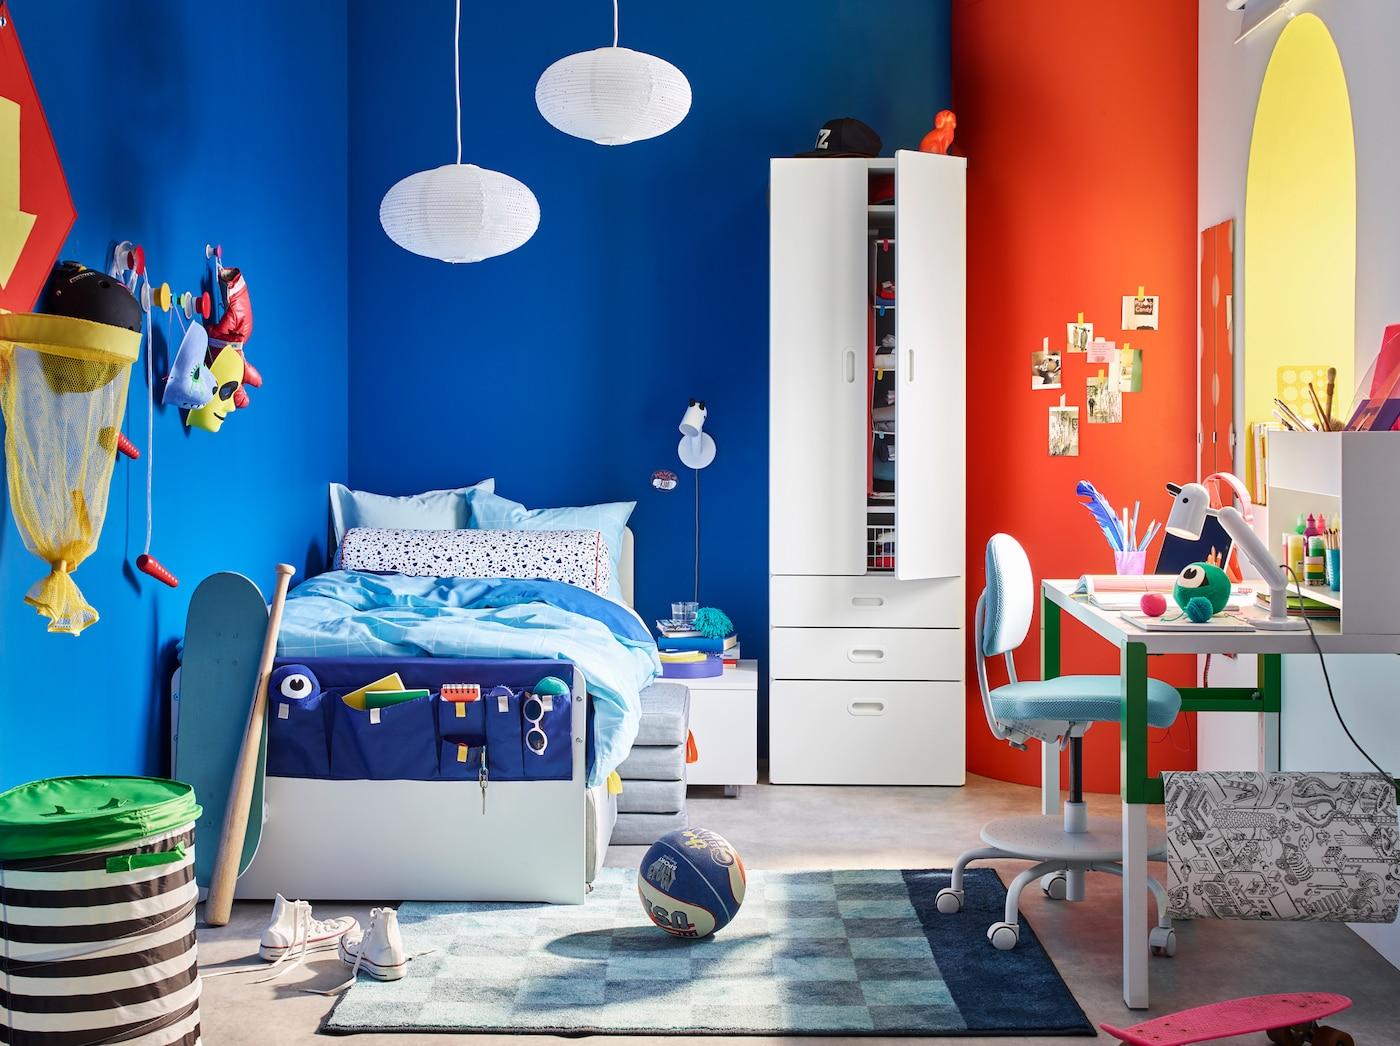 دولاب ملابس STUVA من ايكيا بلون أبيض وسرير SLÄKT أبيض في غرفة نوم أطفال بألوان زاهية.